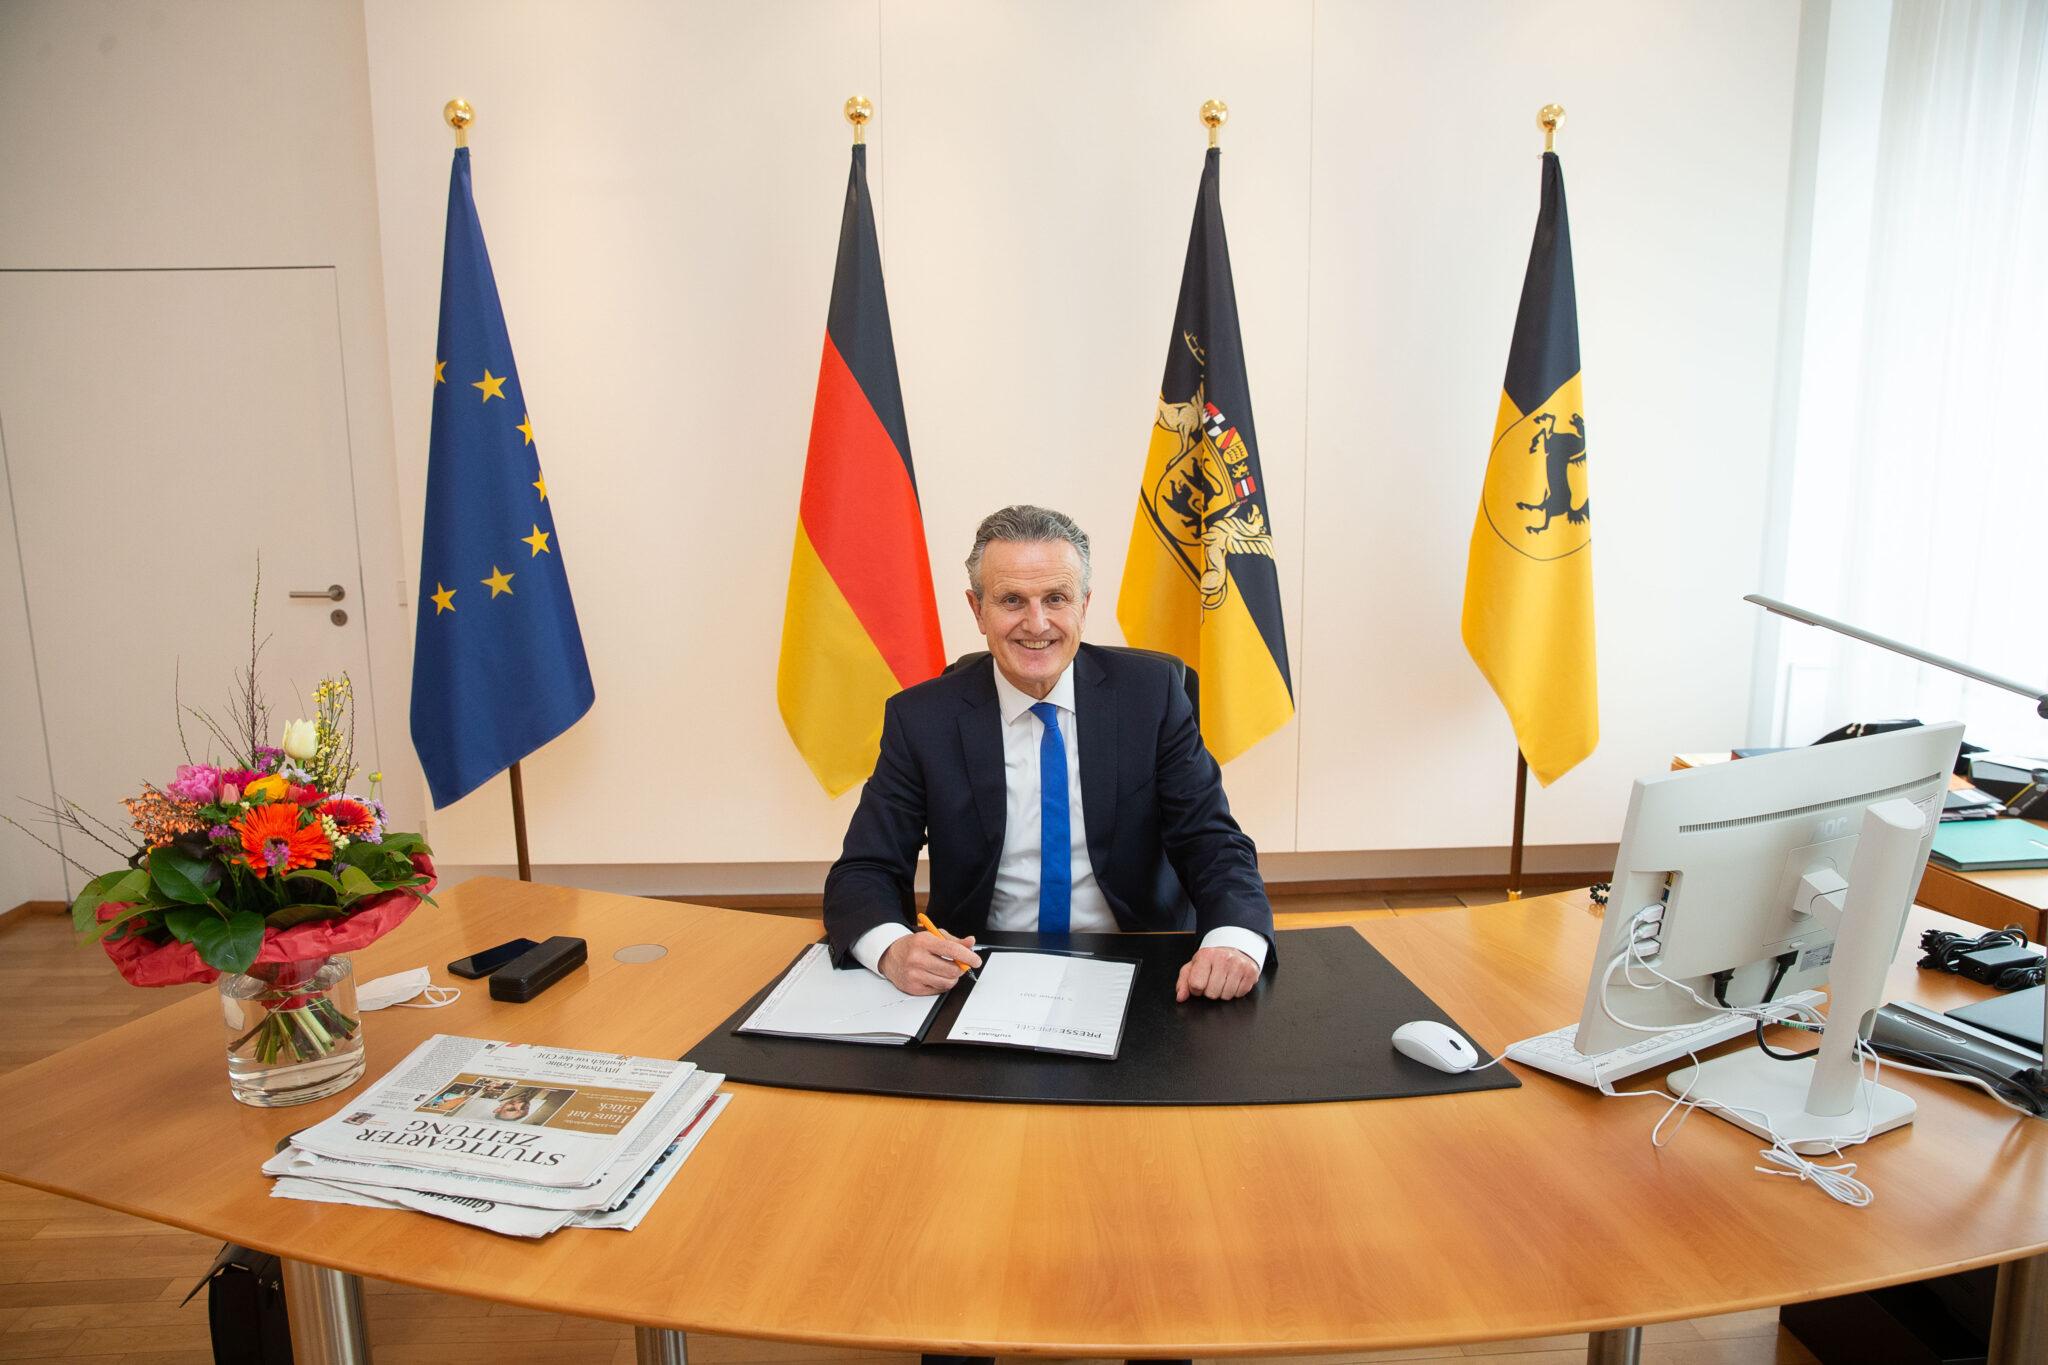 Der neue Oberbürgermeister der Landeshauptstadt Stuttgart Dr. Frank Nopper ist seit dem 19.03.21 offiziell Aufsichtsratsvorsitzender der IBA'27. Bild: Landeshauptstadt Stuttgart / Leif Piechowski